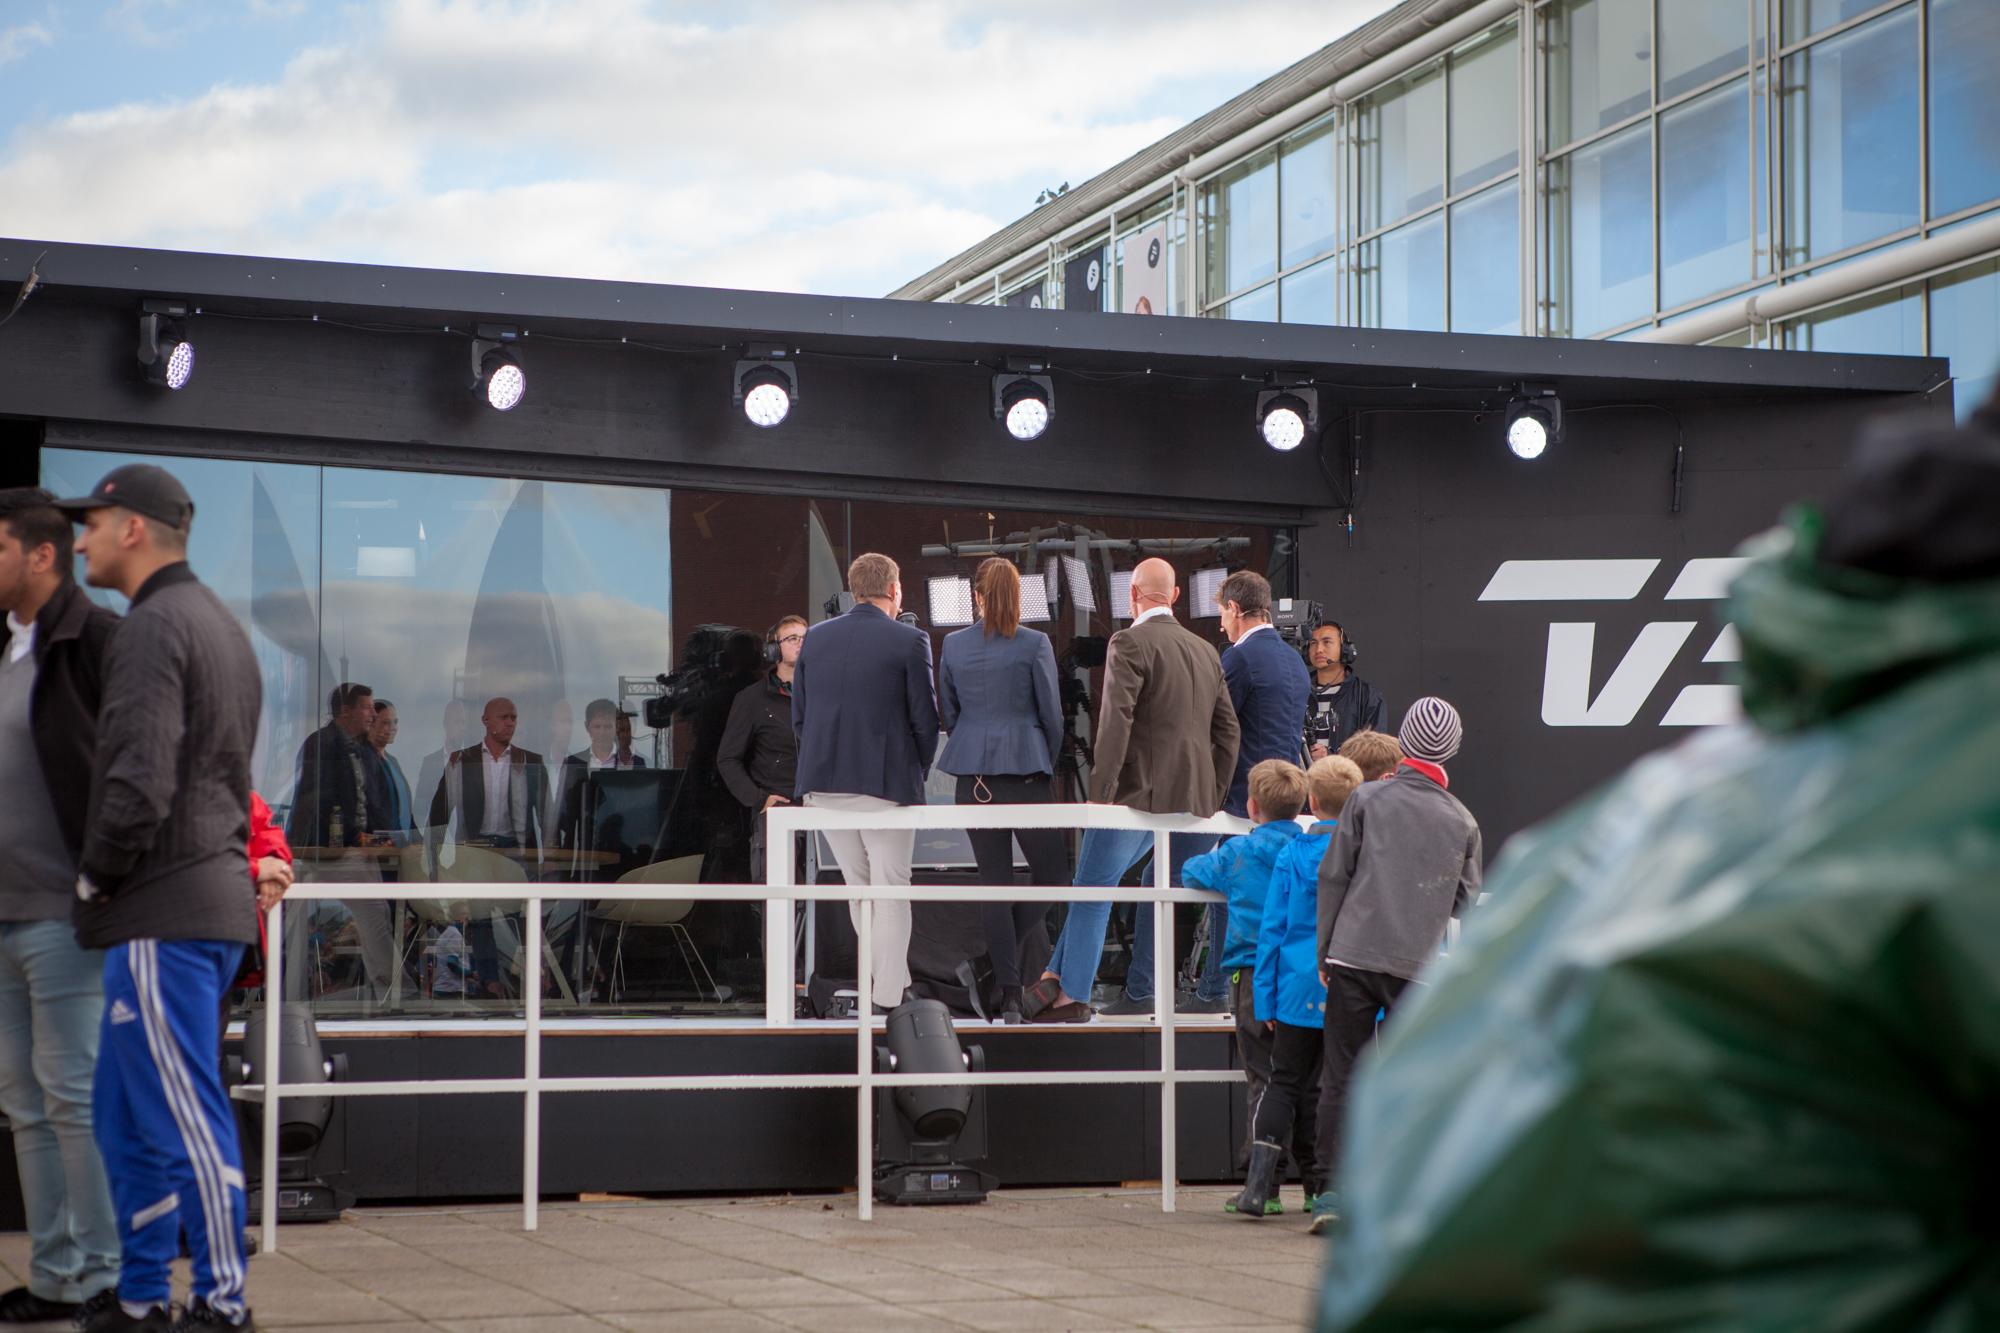 Xsided spil ved Sommerbold i Aarhus i samarbejde med TV2.